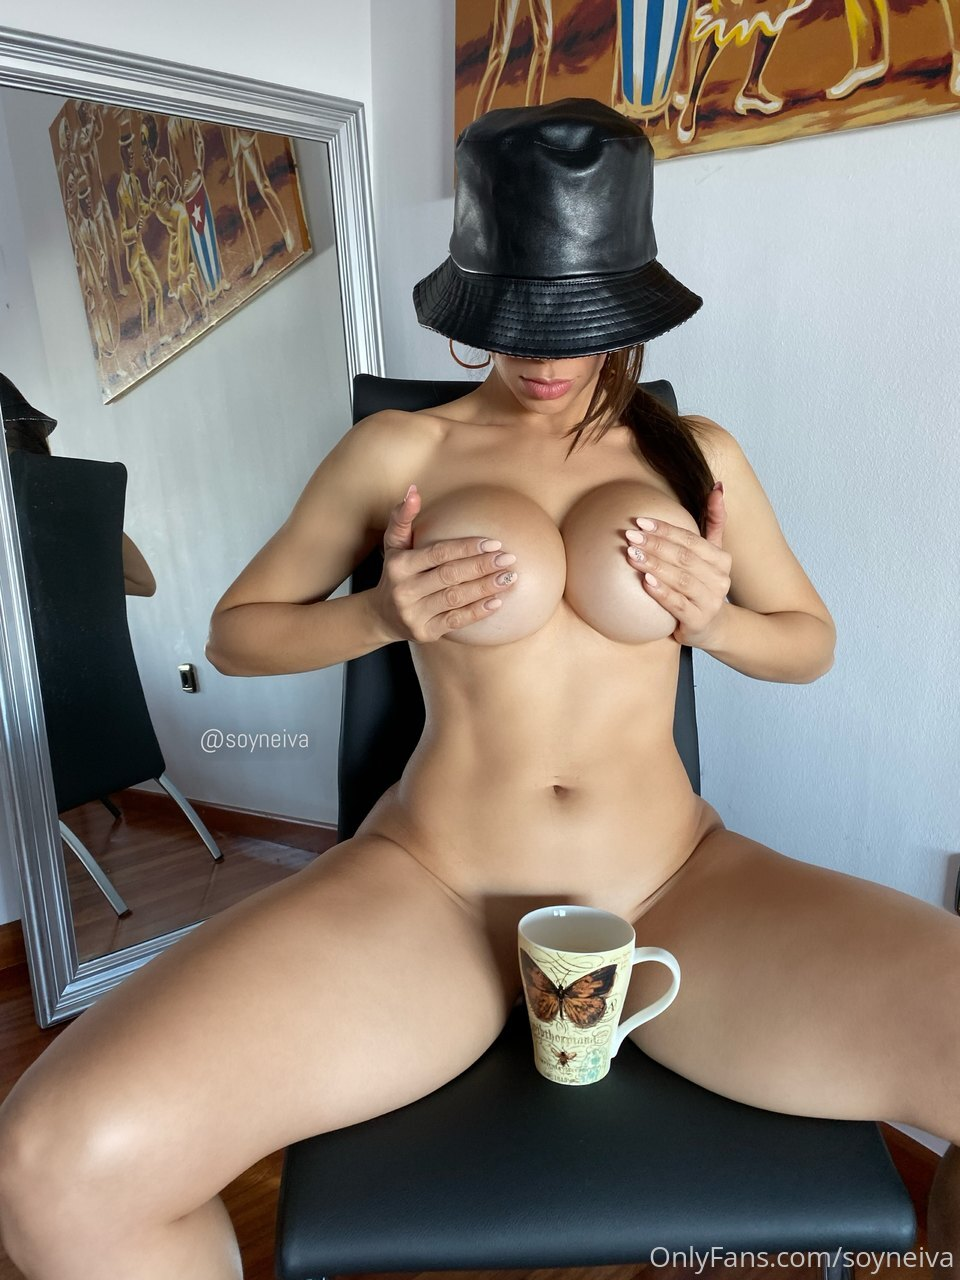 Neiva Mara Soyneiva Onlyfans Nudes Leaks 0017